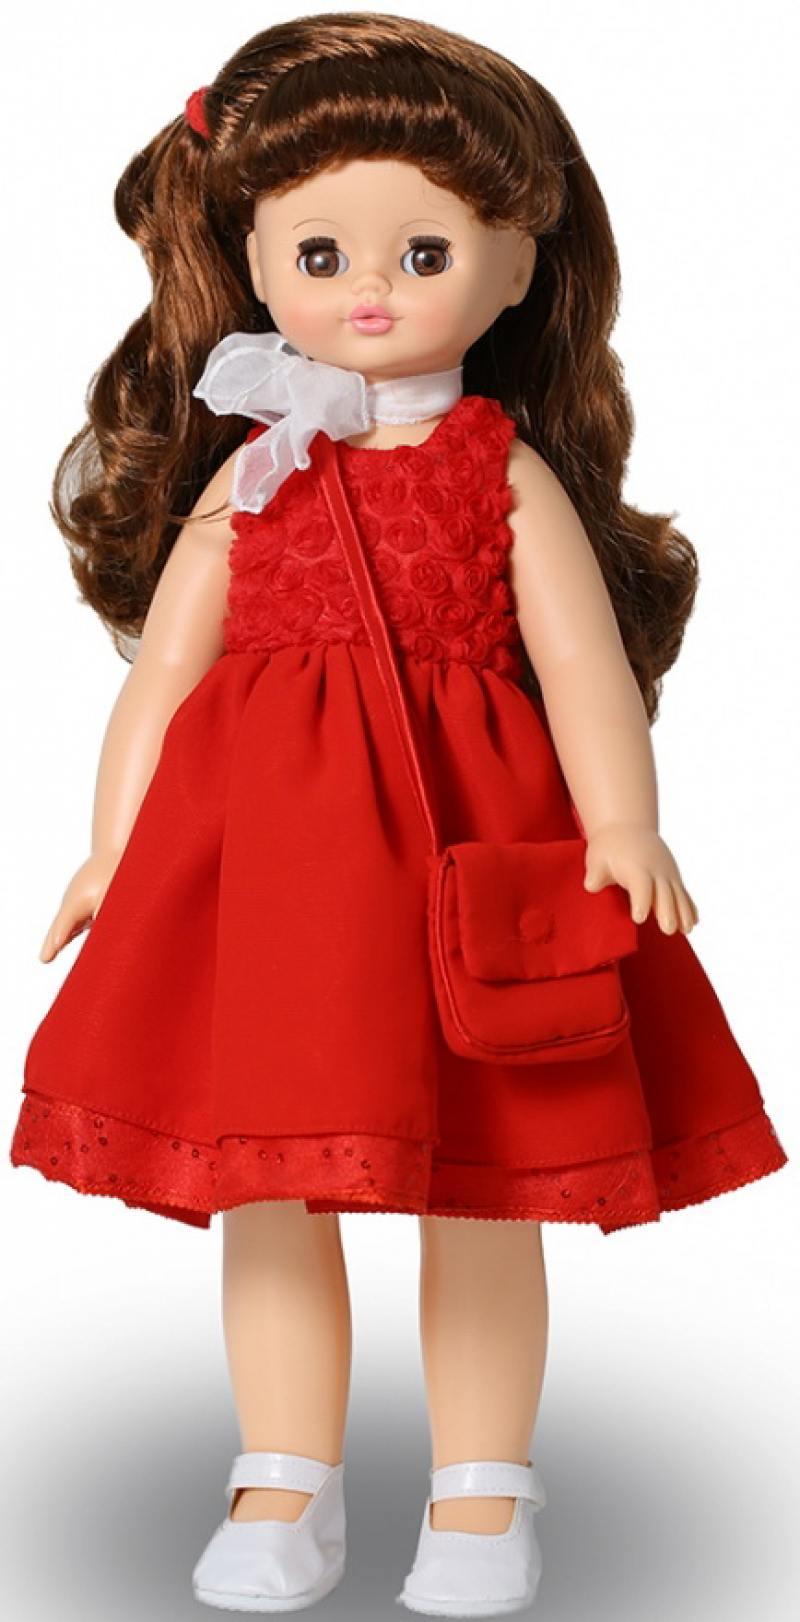 Кукла ВЕСНА Алиса 19 (озвученная) В2950/о весна весна кукла интерактивная милана 20 озвученная 70 см